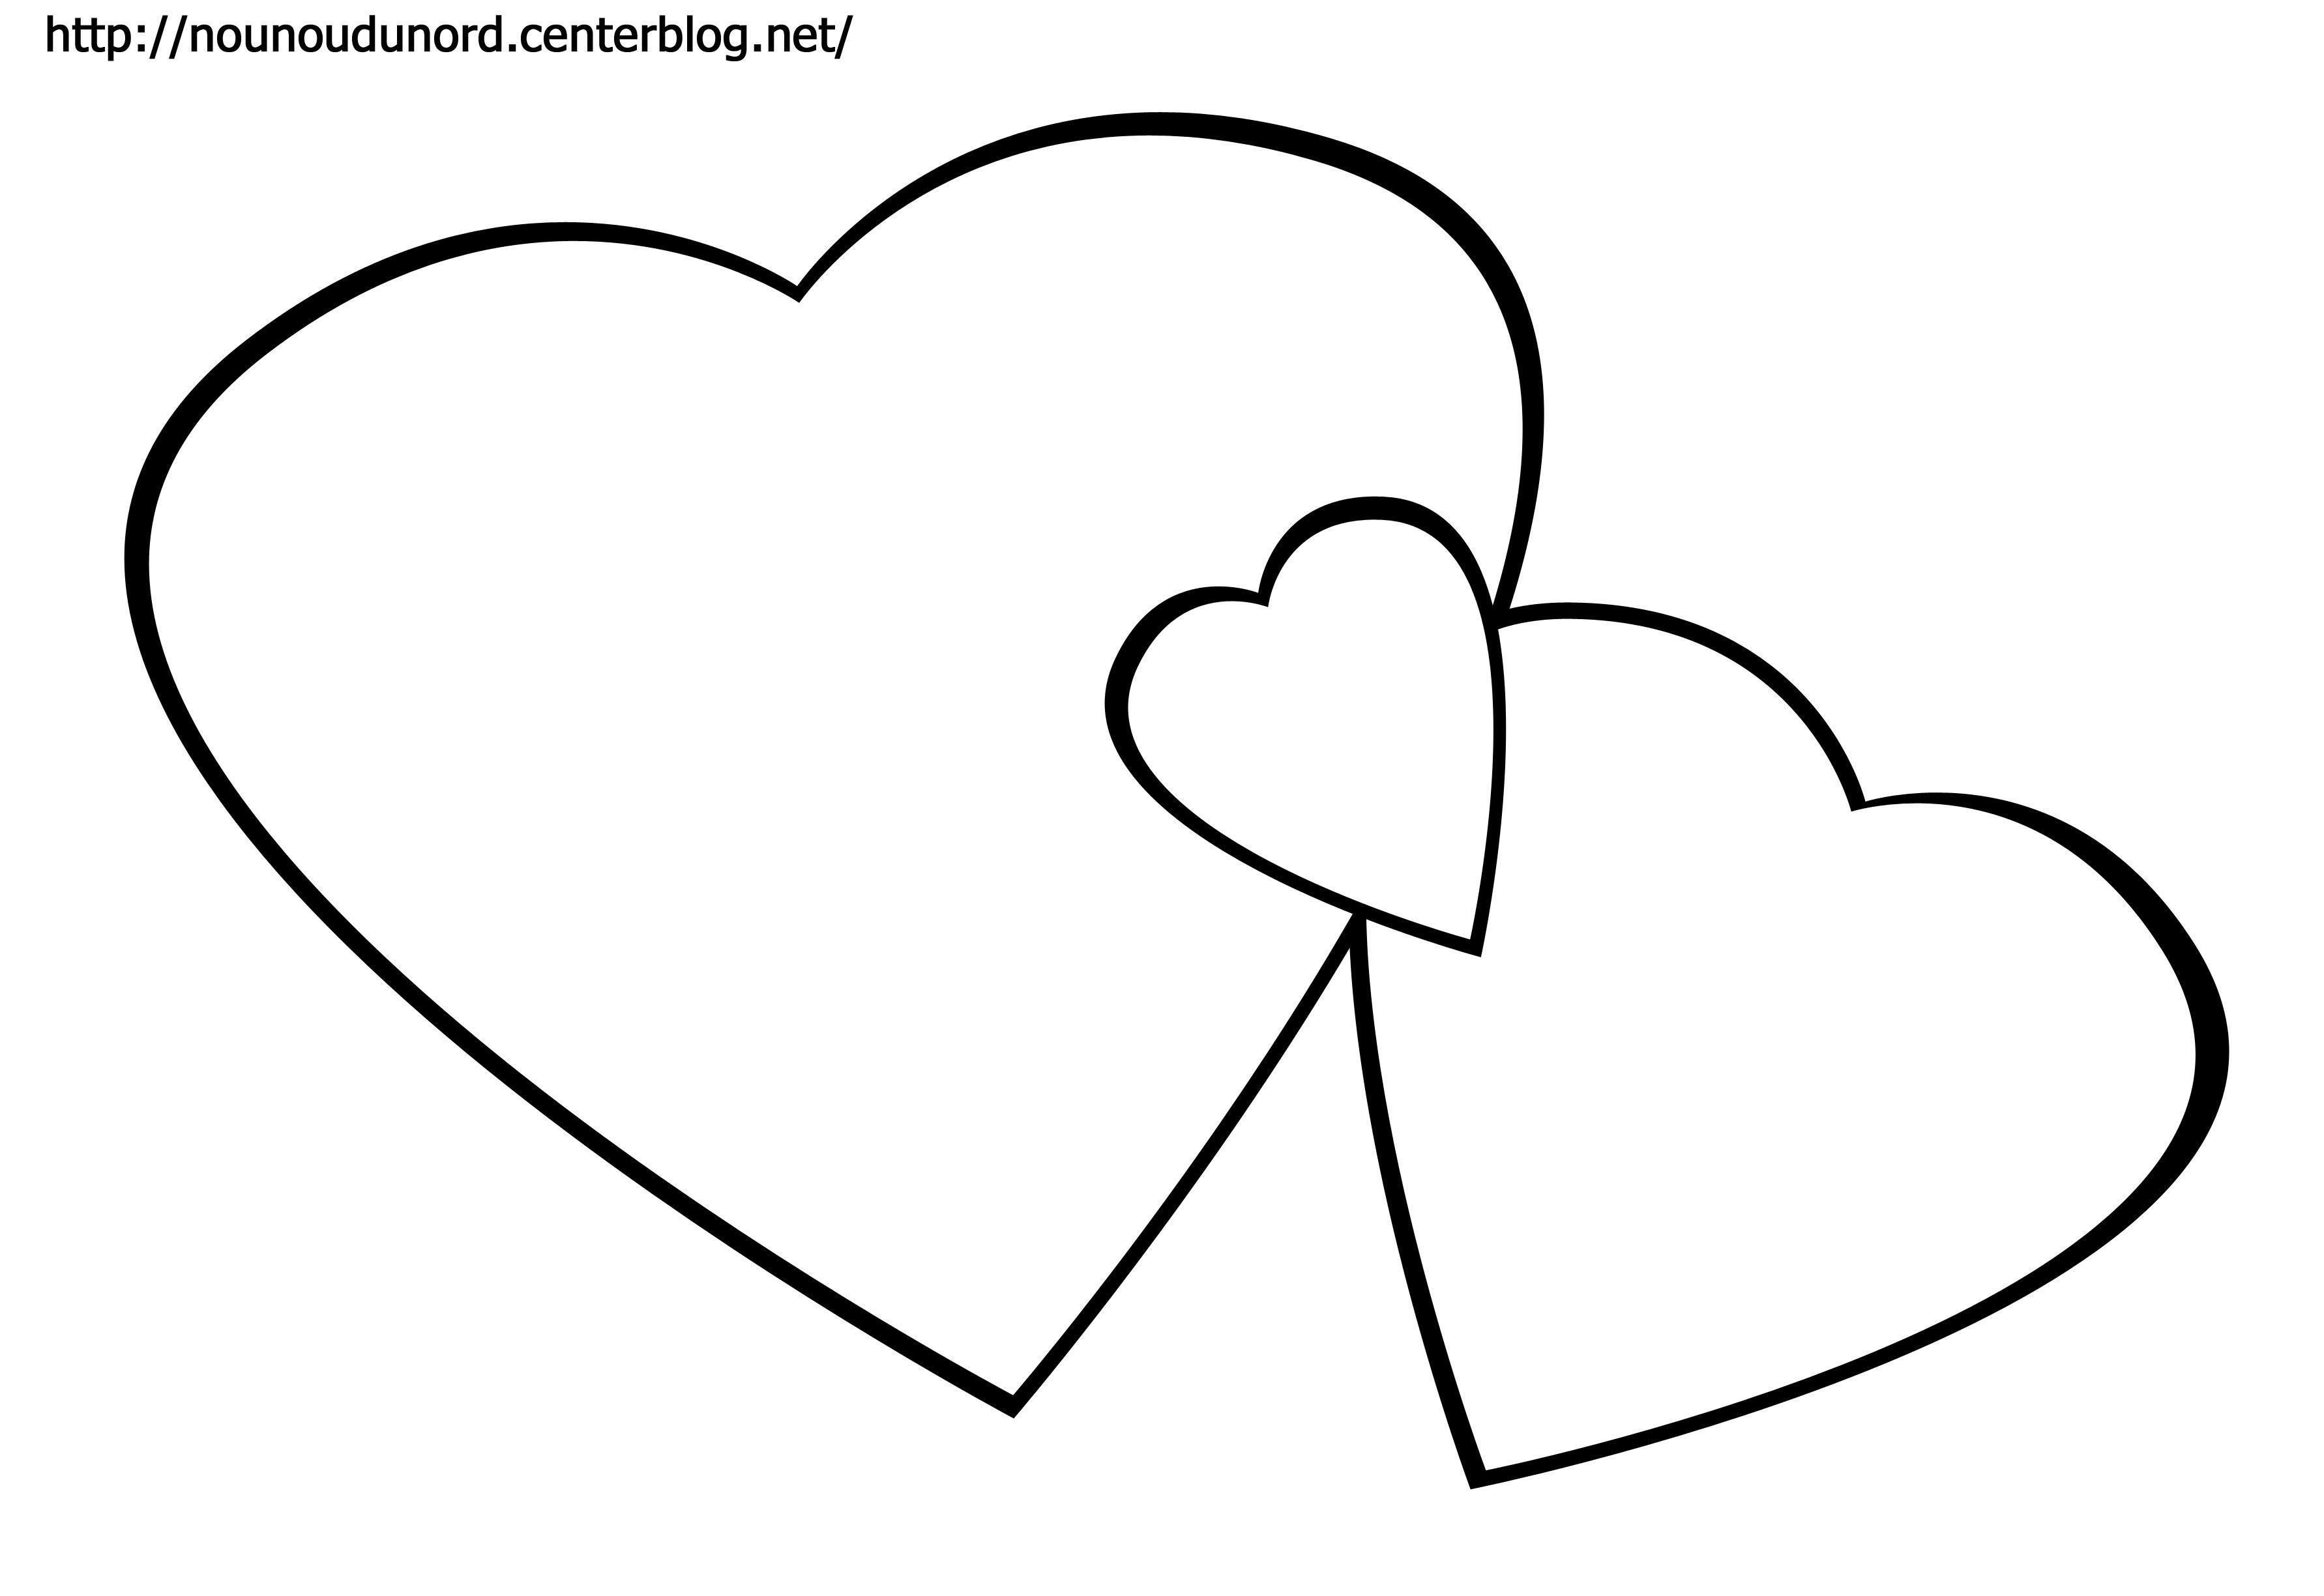 Coloriage coeur dessin par nounoudunord - Image de coeur a colorier ...